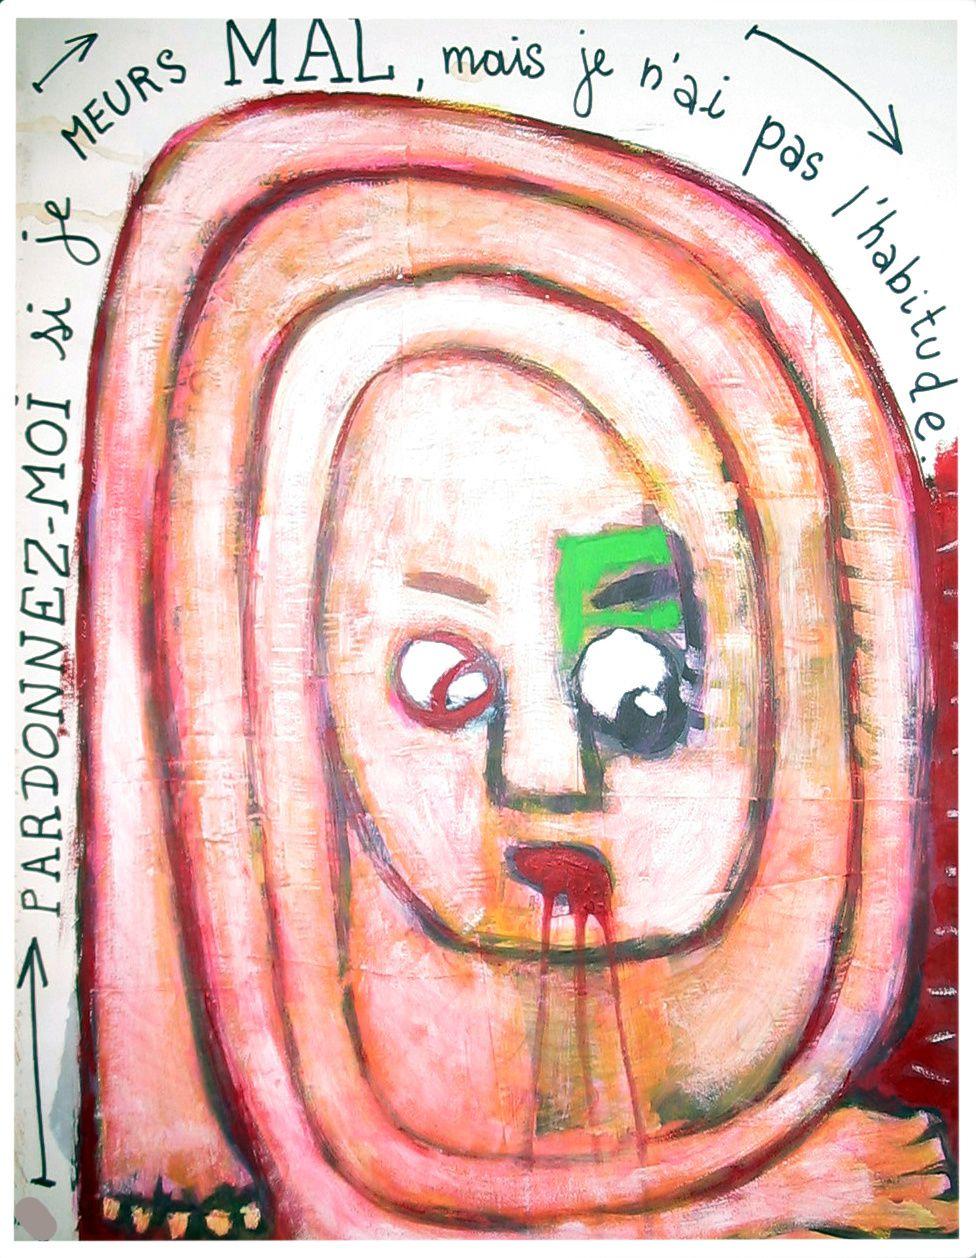 20 -PARDONNEZ-MOI SI JE MEURS MAL MAIS JE N'AI PAS L'HABITUDE  - Technique mixte - 65 x 50 cm.